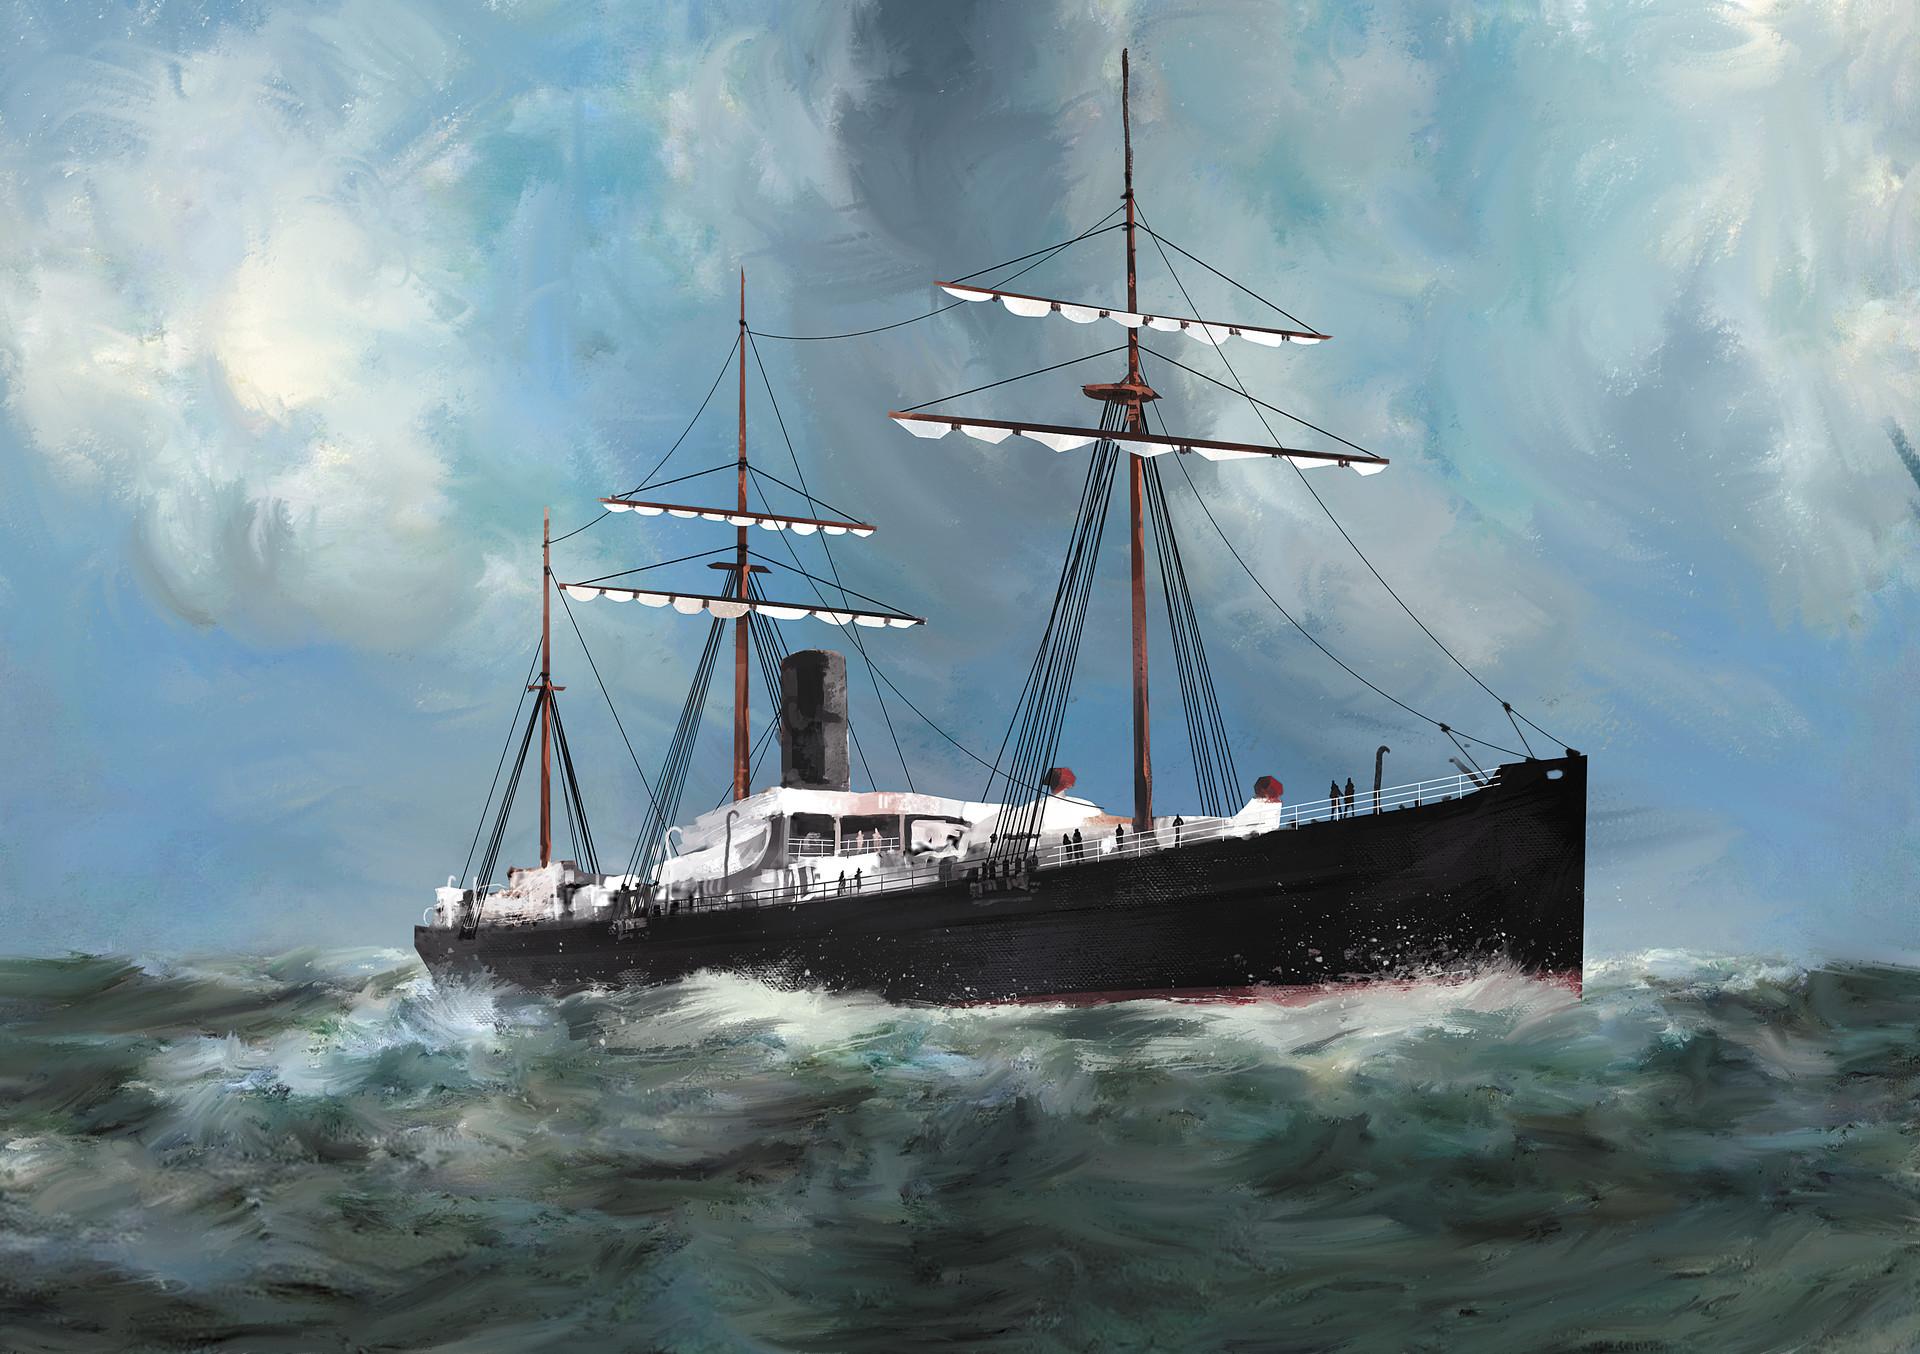 Dominik mayer 1877 devonia 02